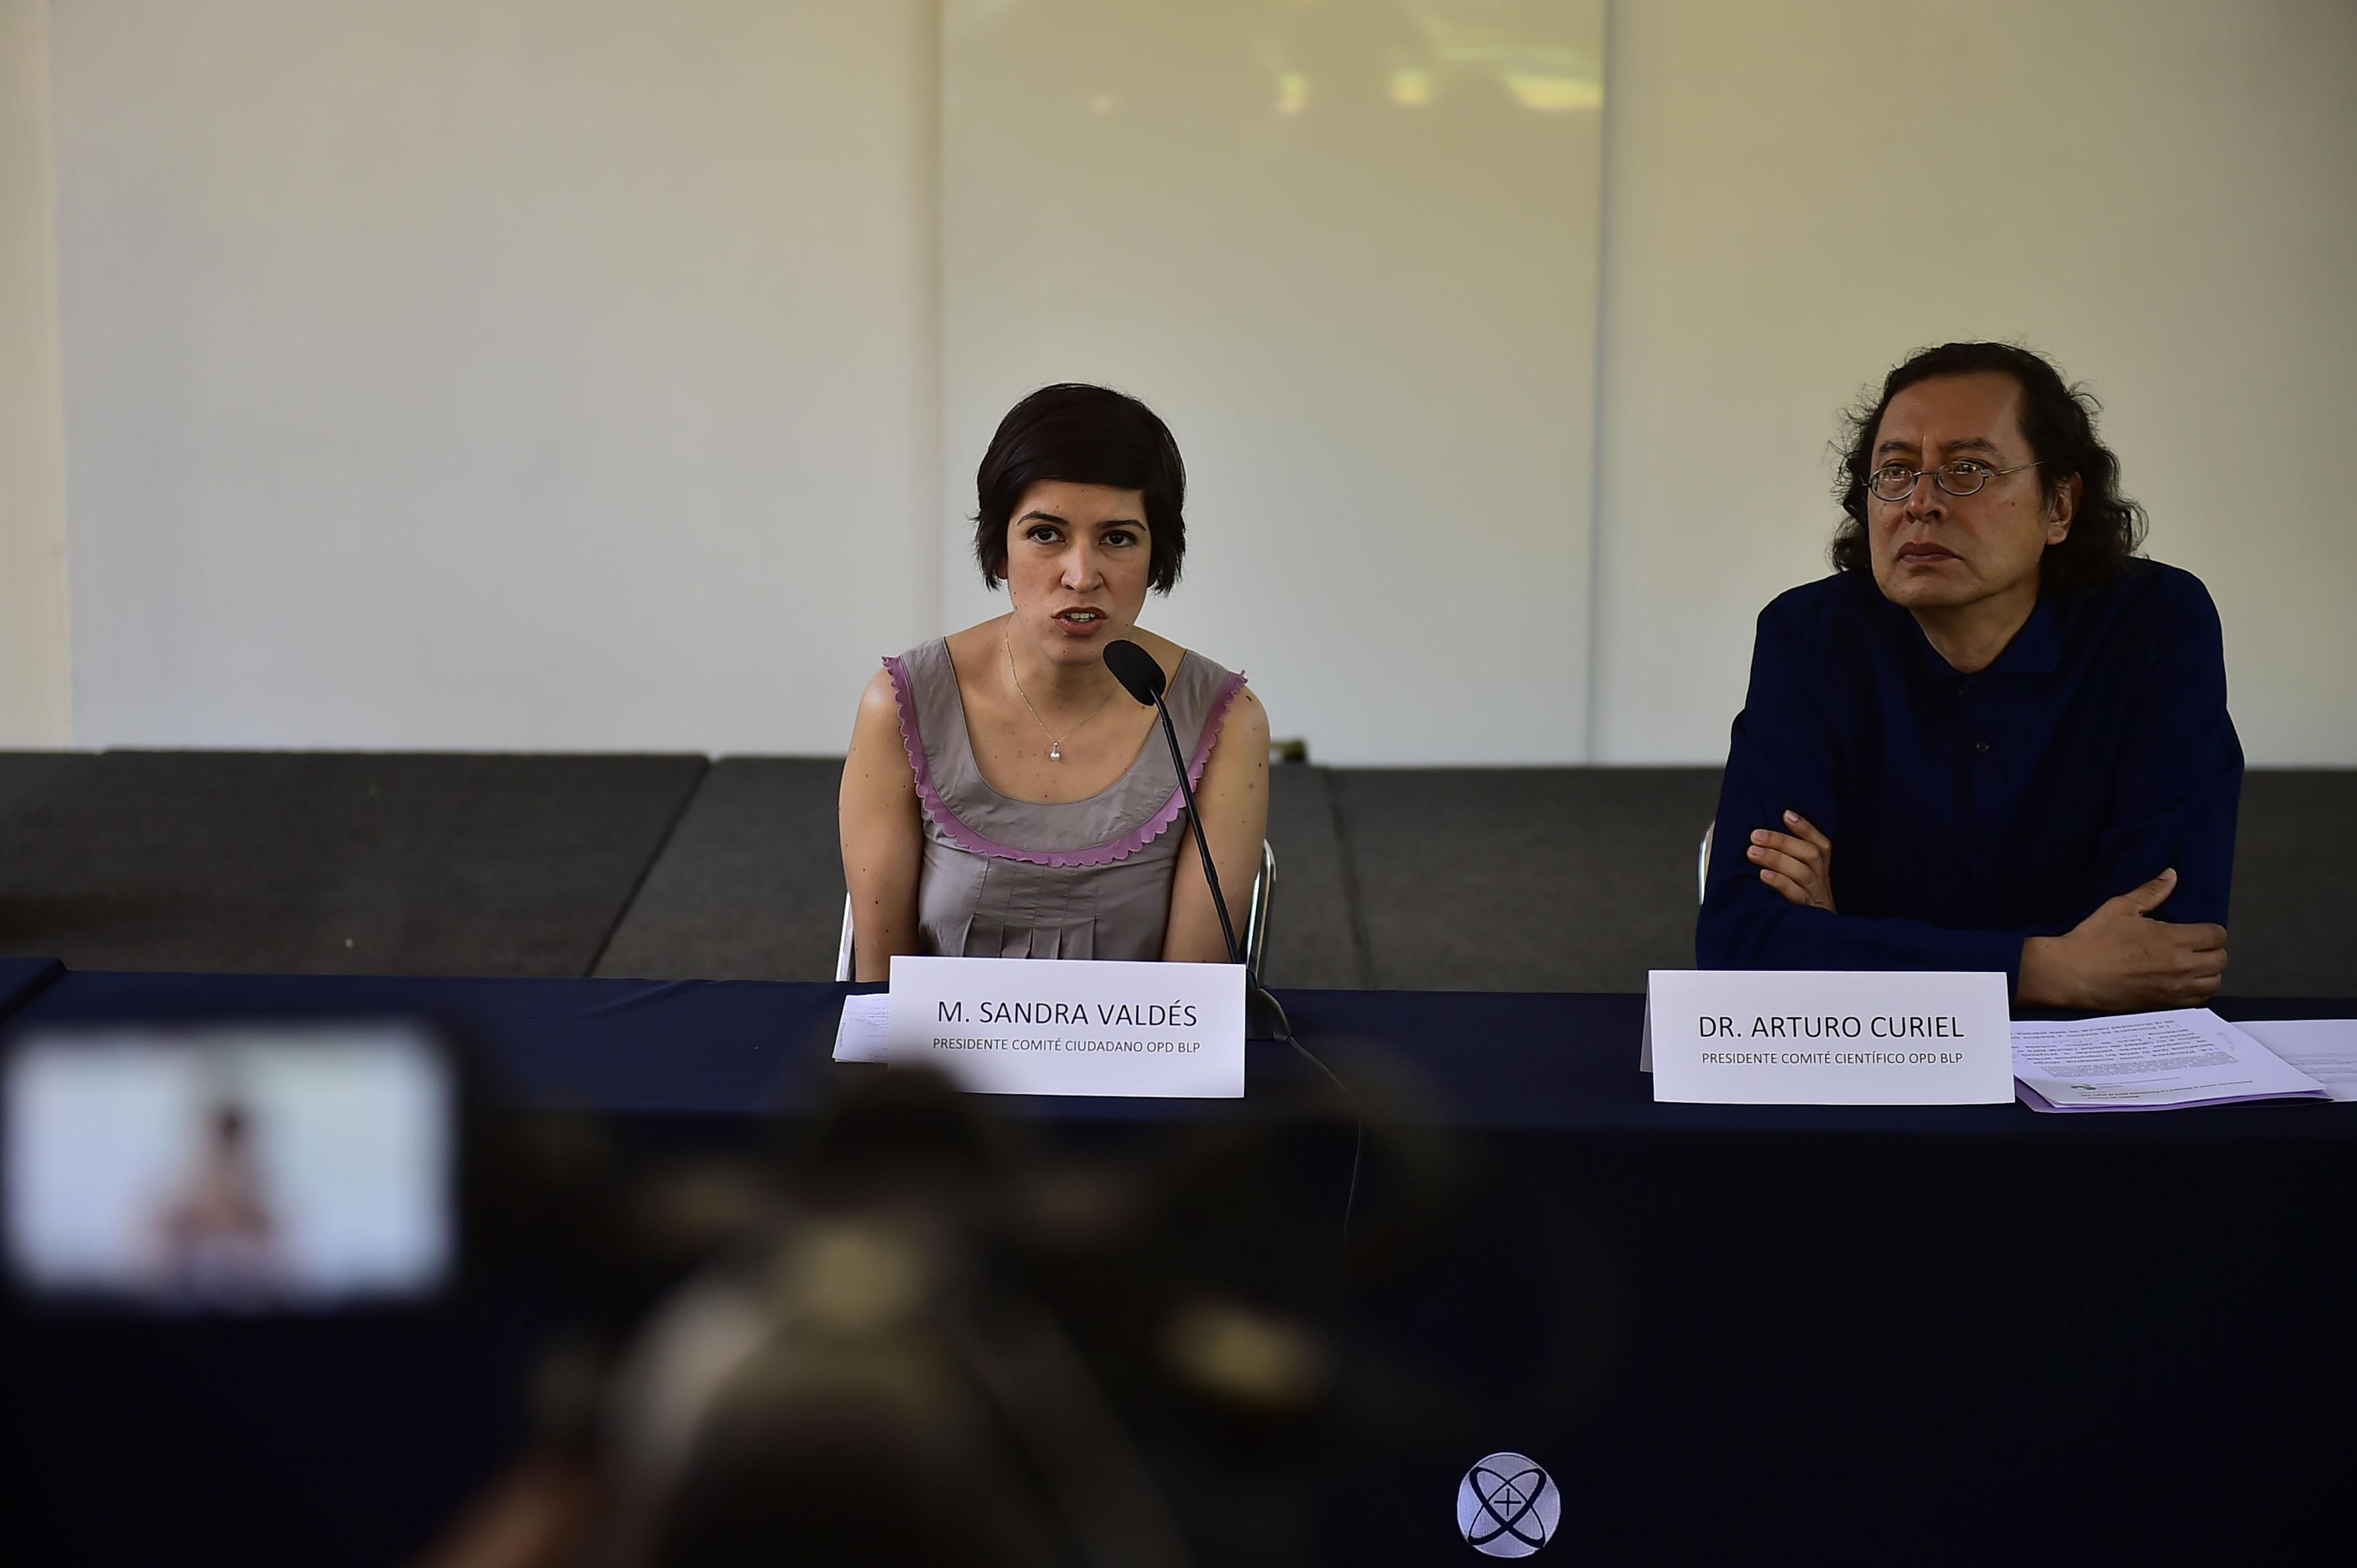 Sandra Valdés Valdés, académica del ITESO y representante del Comité Ciudadano del OPD